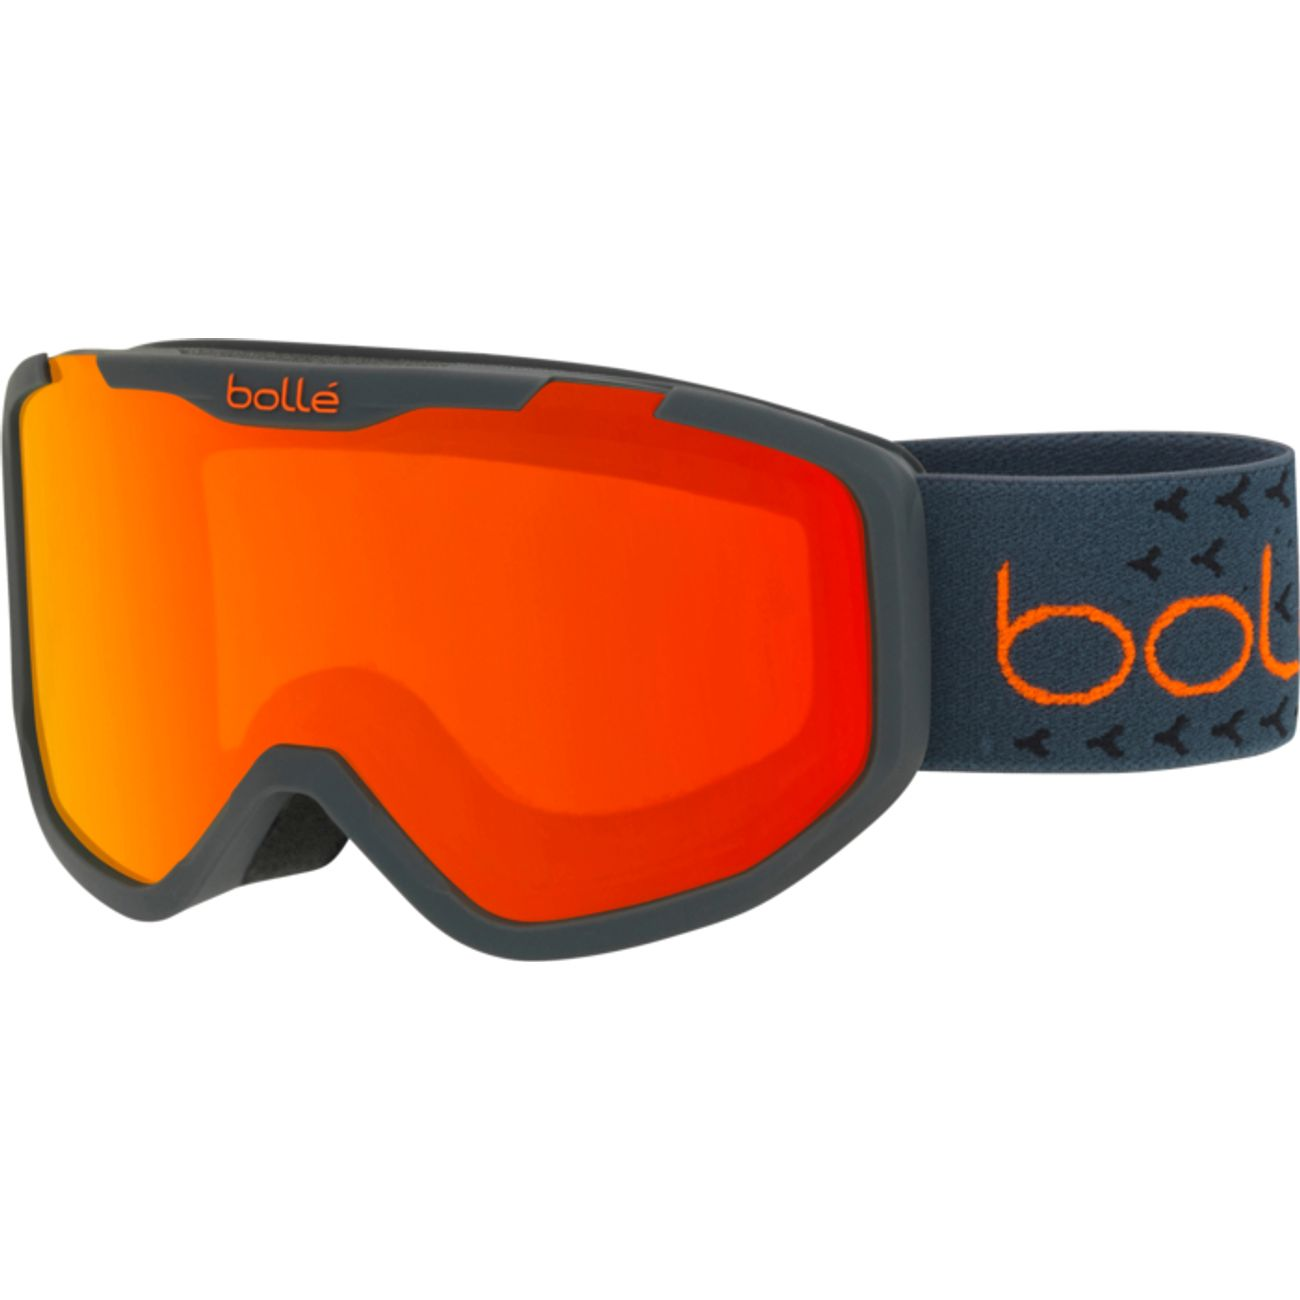 MASQUE Ski mixte BOLLE ROCKET PLUS